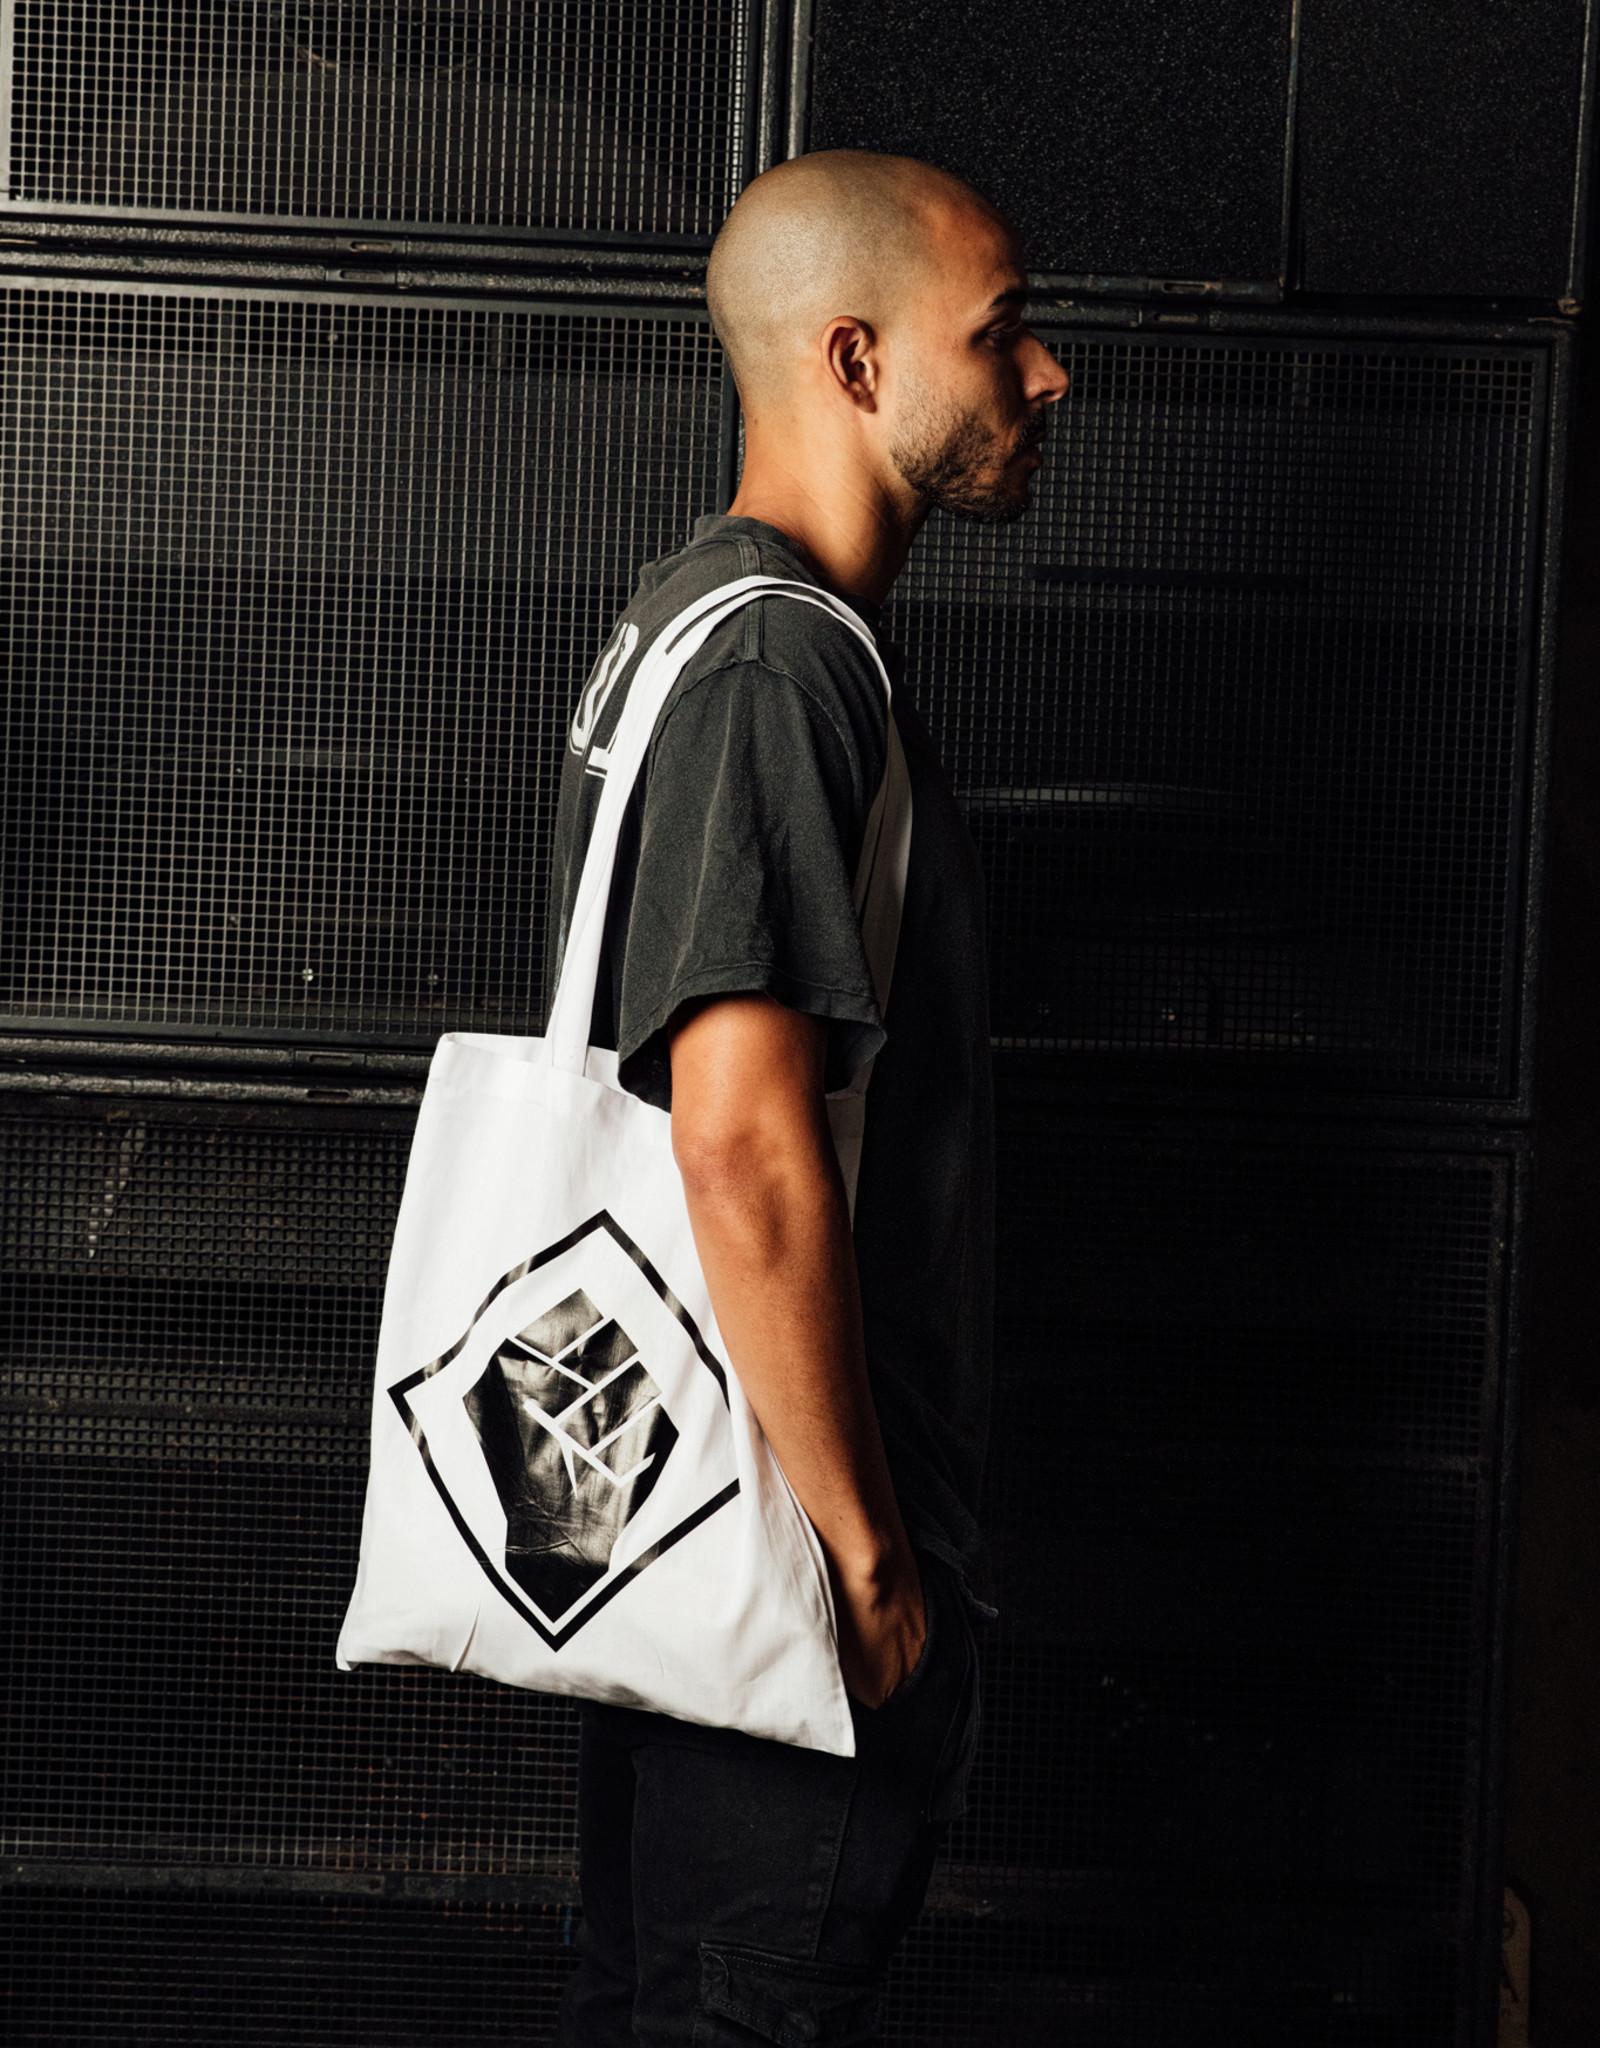 Rotterdam Rave Rotterdam Rave Cotton Bag (White)